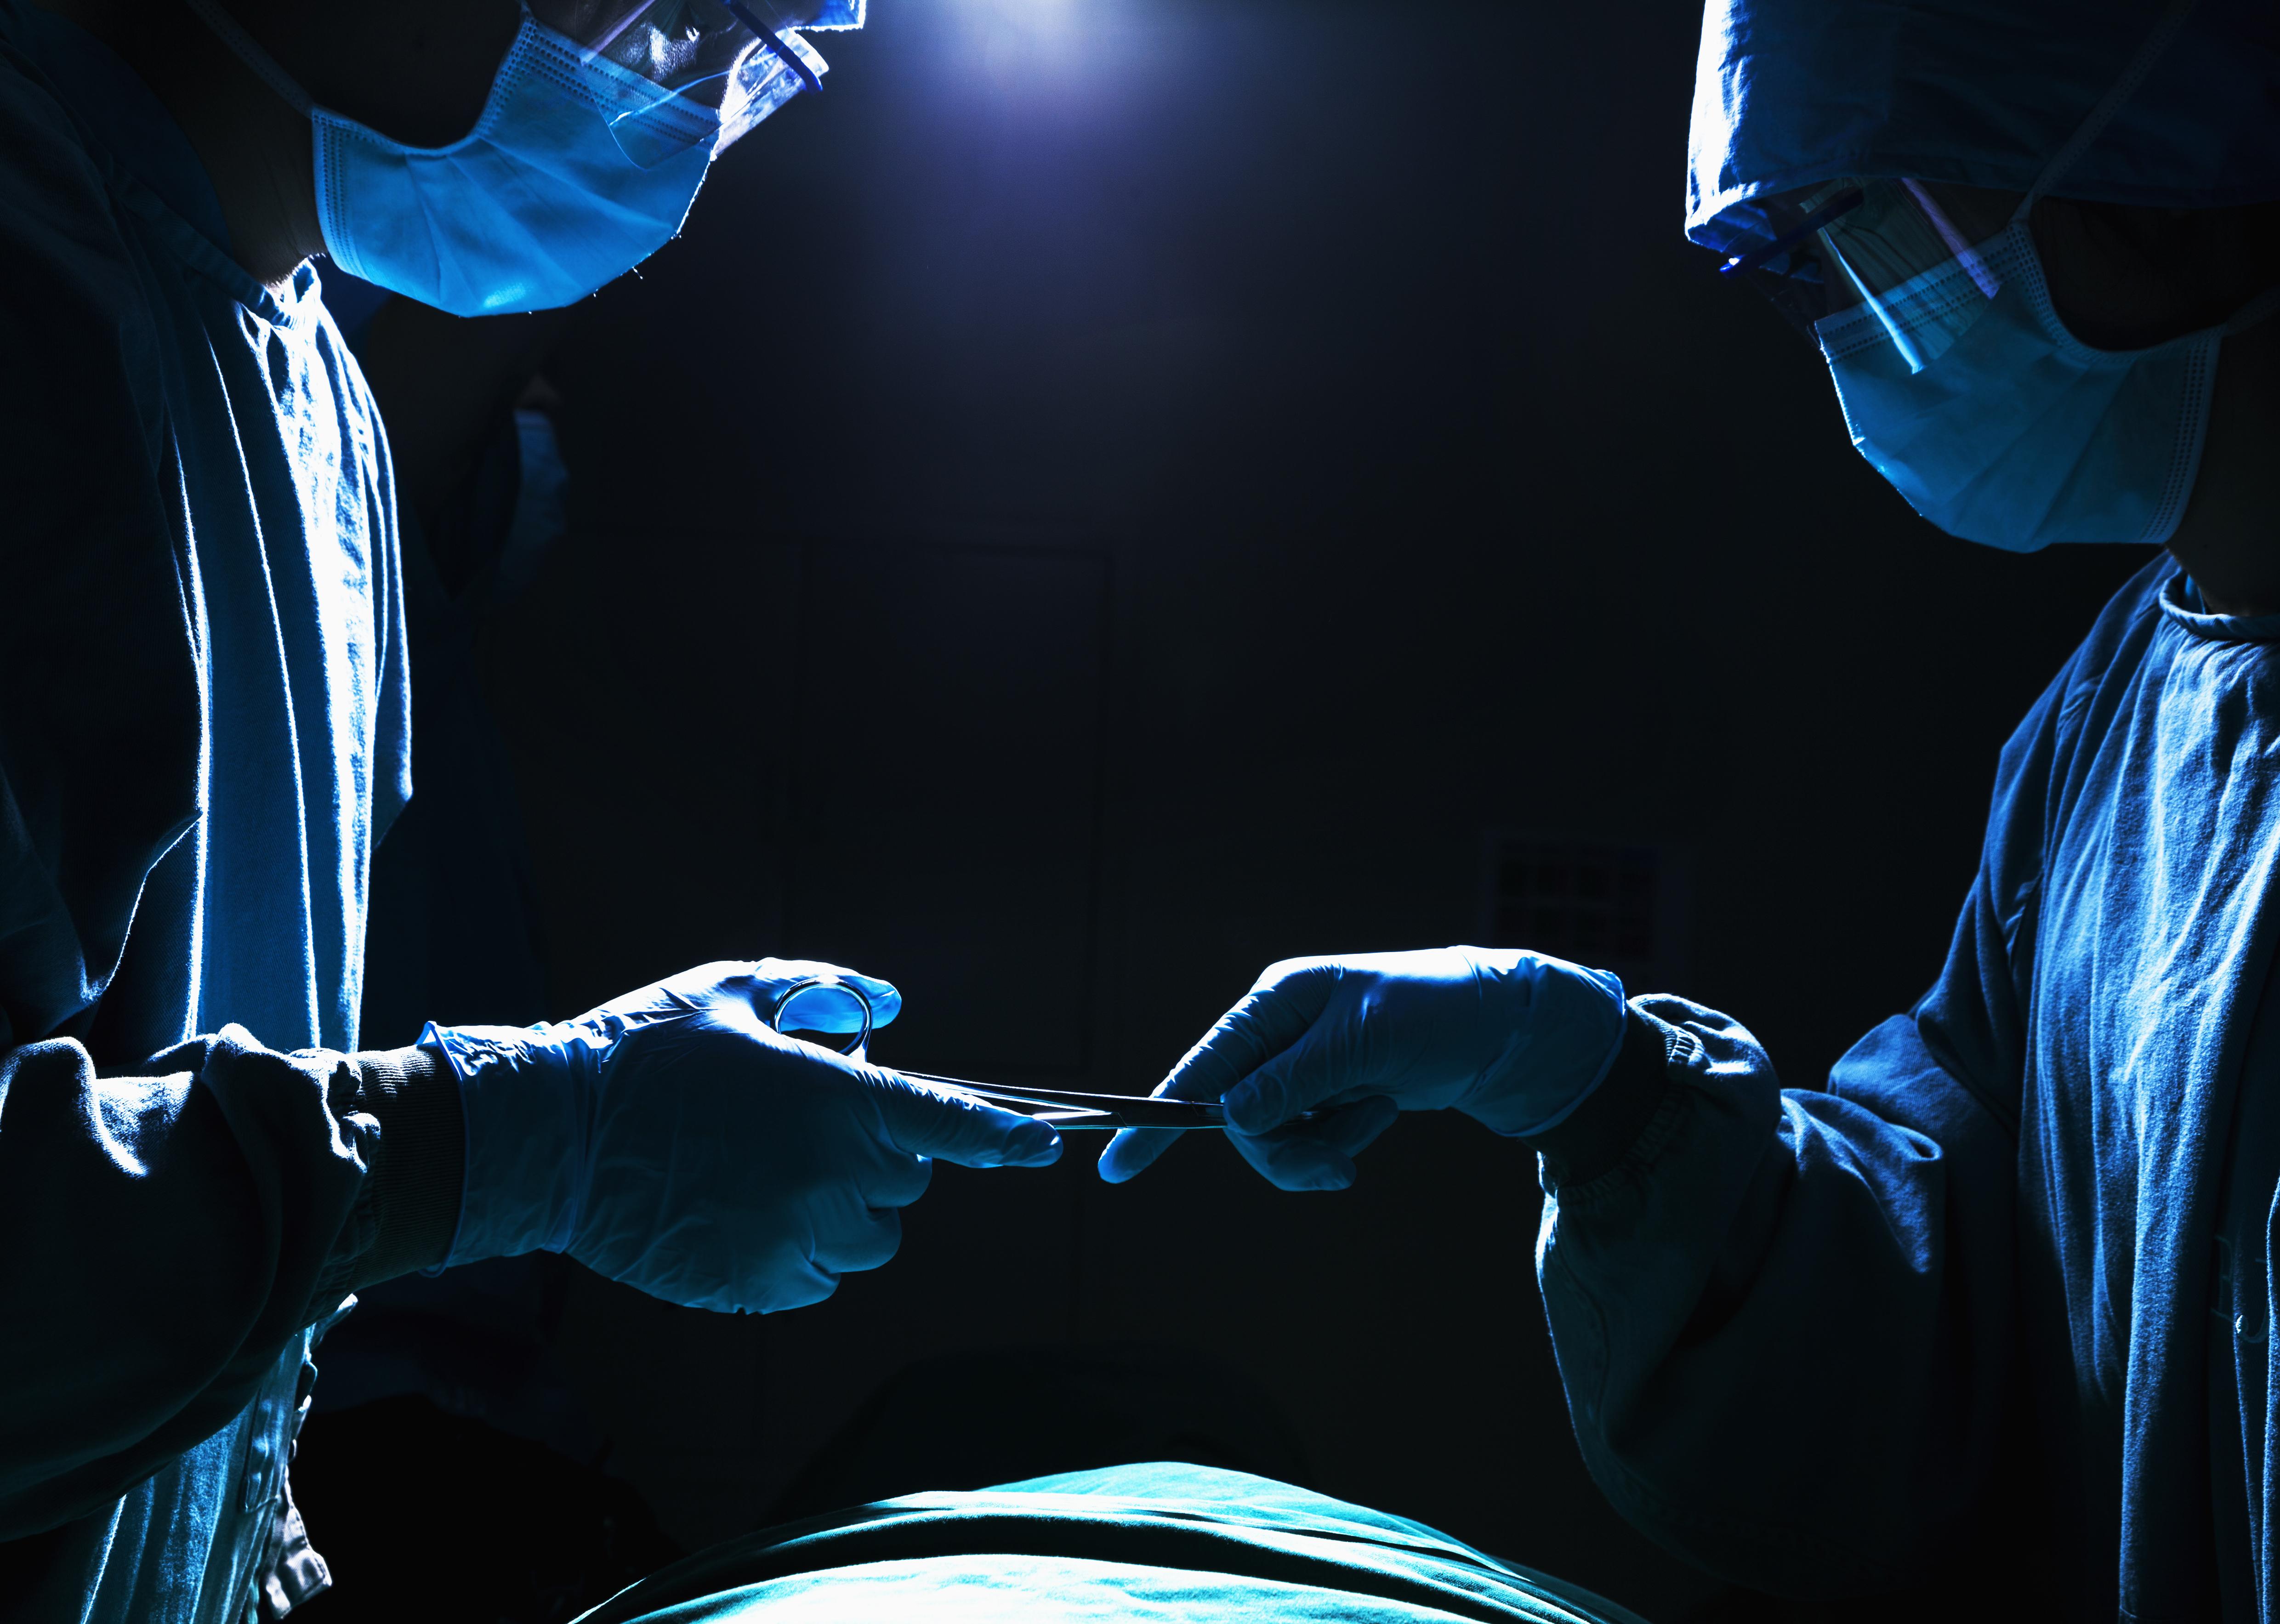 bigstock-Two-surgeons-working-and-passi-52318804.jpg